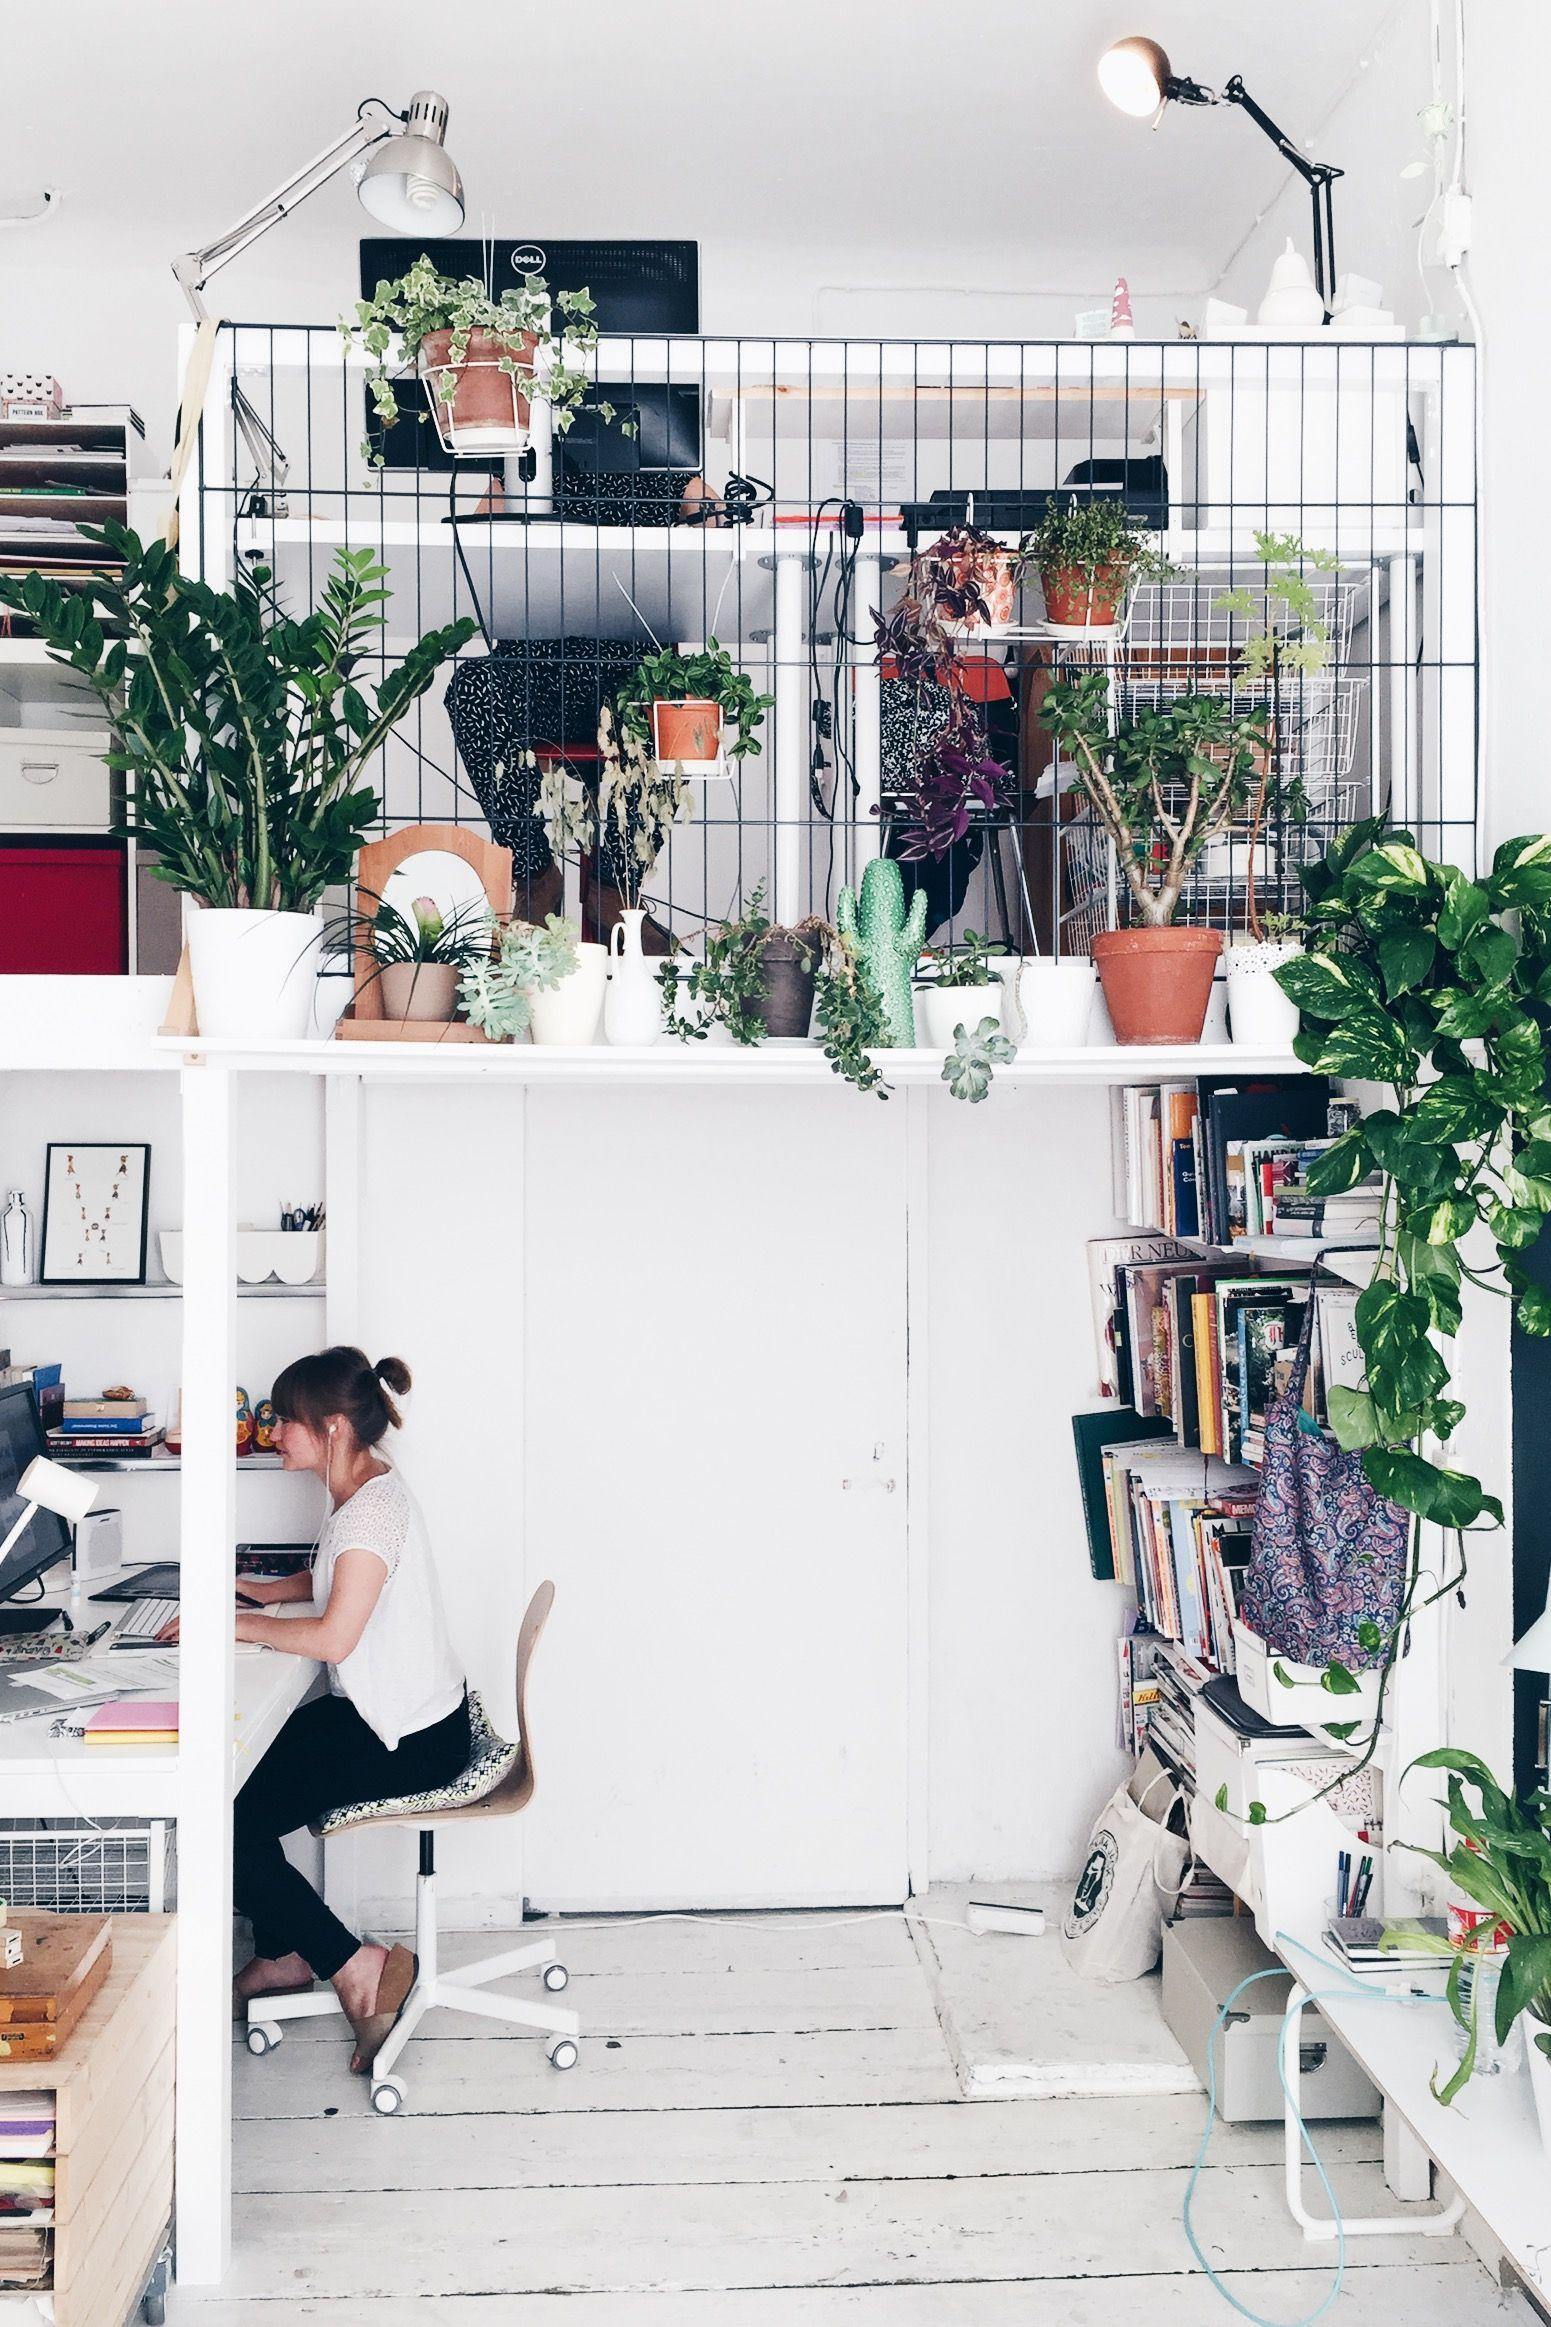 Innenarchitektur wohnzimmer für kleine wohnung the studio plants all over  design  pinterest  haus wohnen und